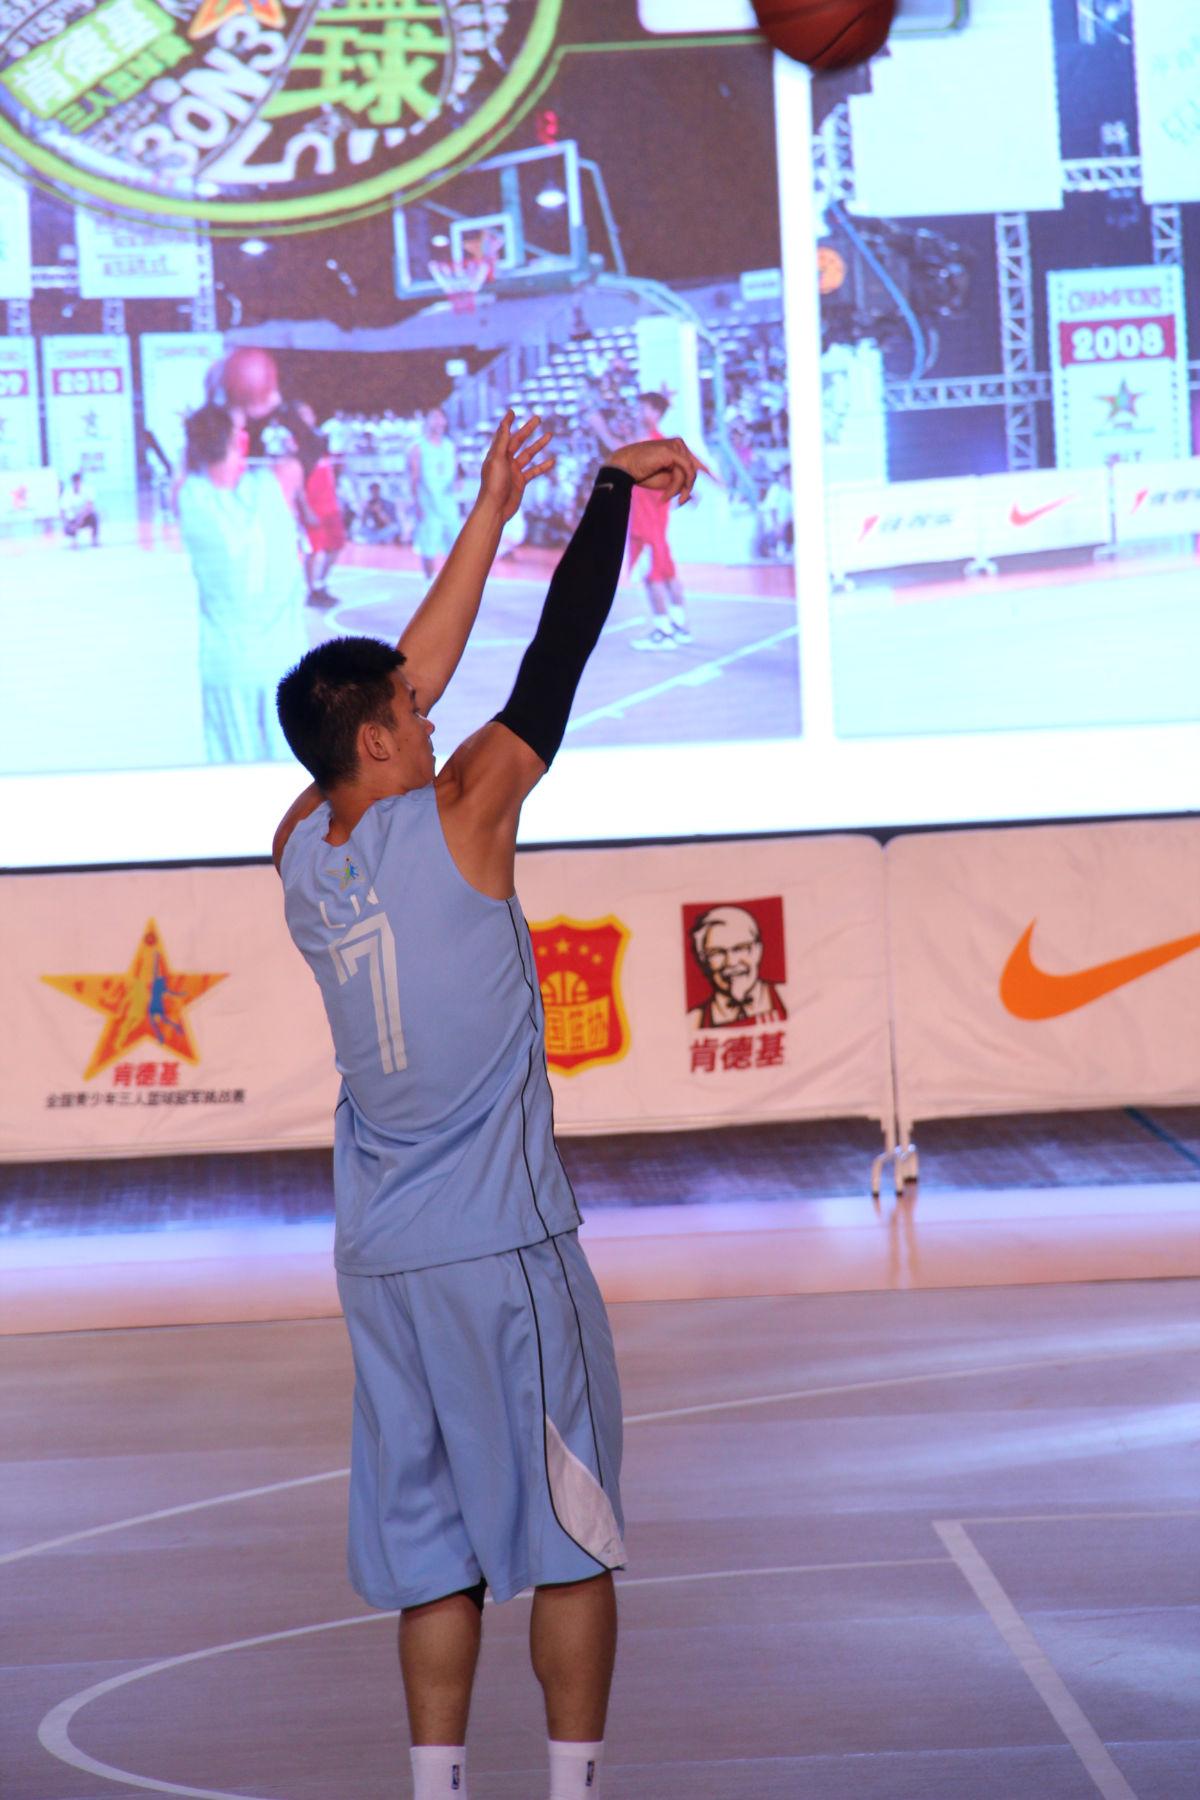 林書豪 肯德基3人籃球 23